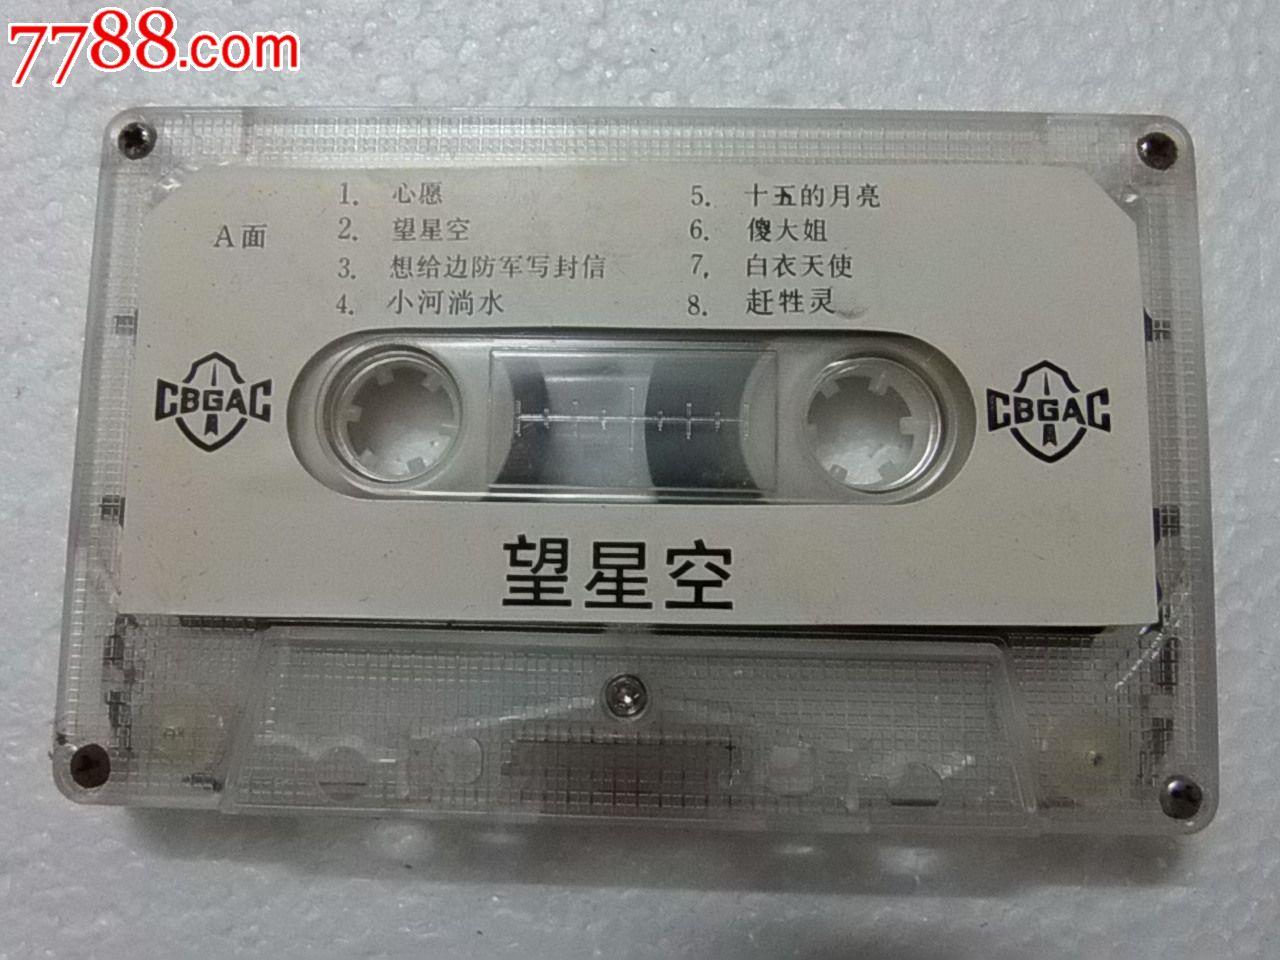 望星空-董文华演唱专辑图片